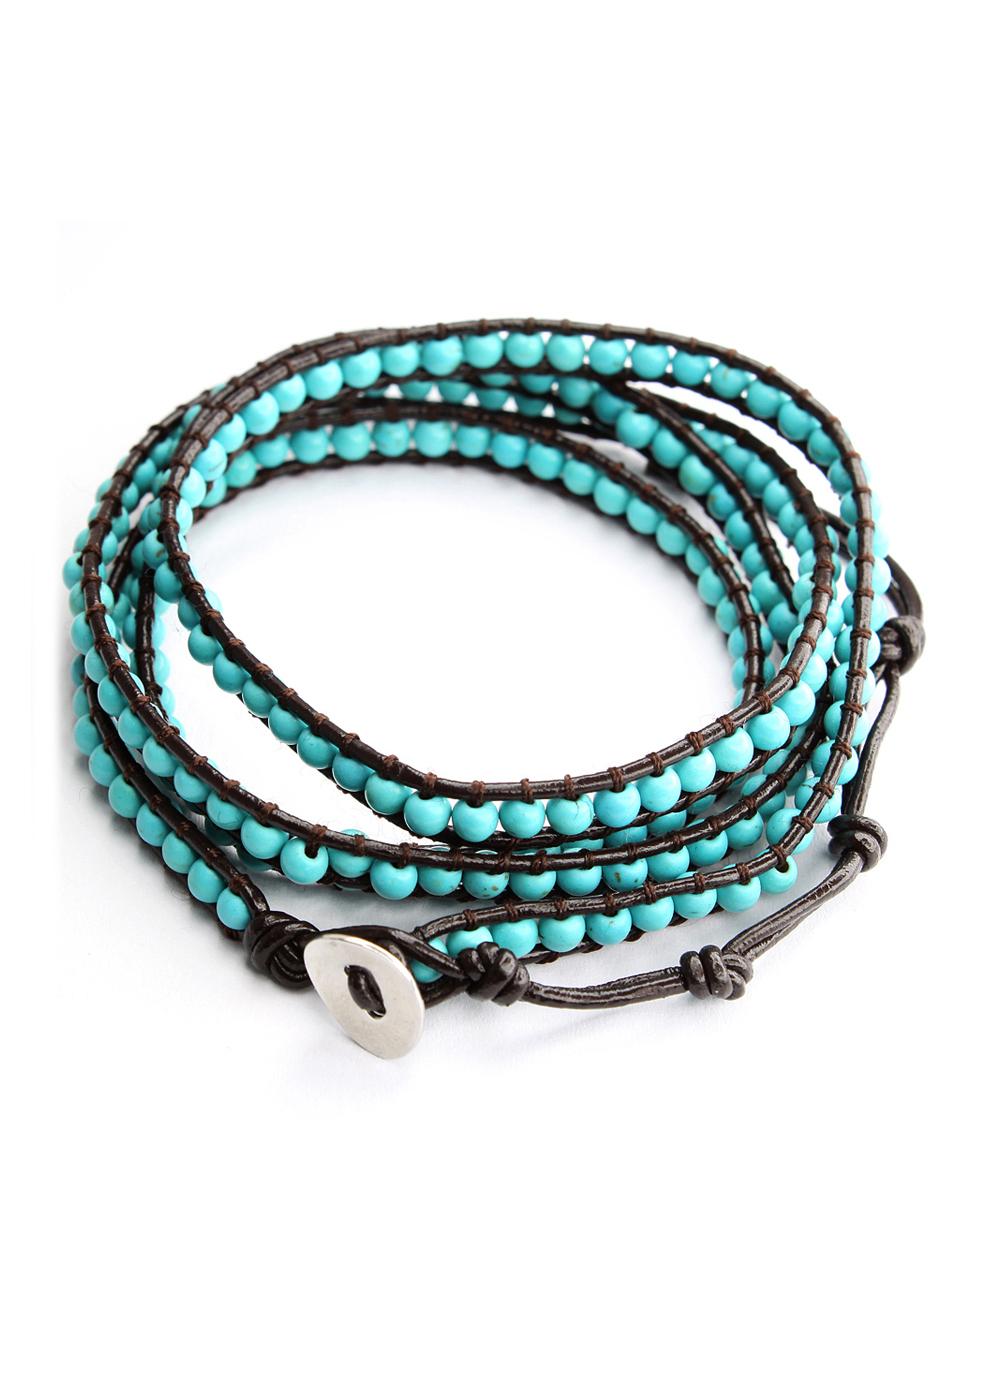 Turquoise Leather Knit Waistbelt Bracelet